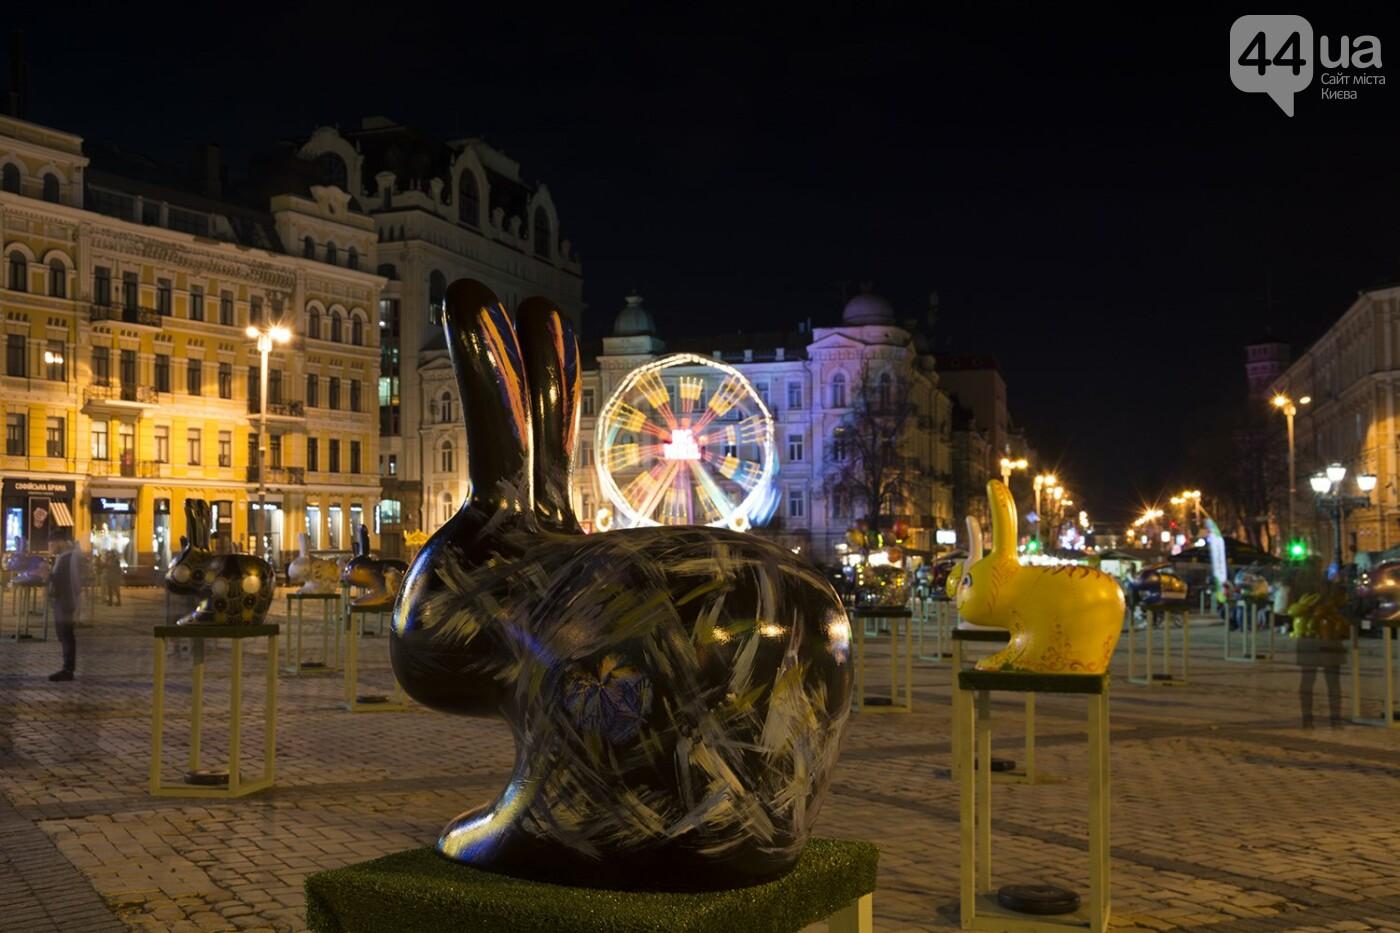 Пасхальная иллюминация: как выглядит фестиваль писанок ночью, фото-5